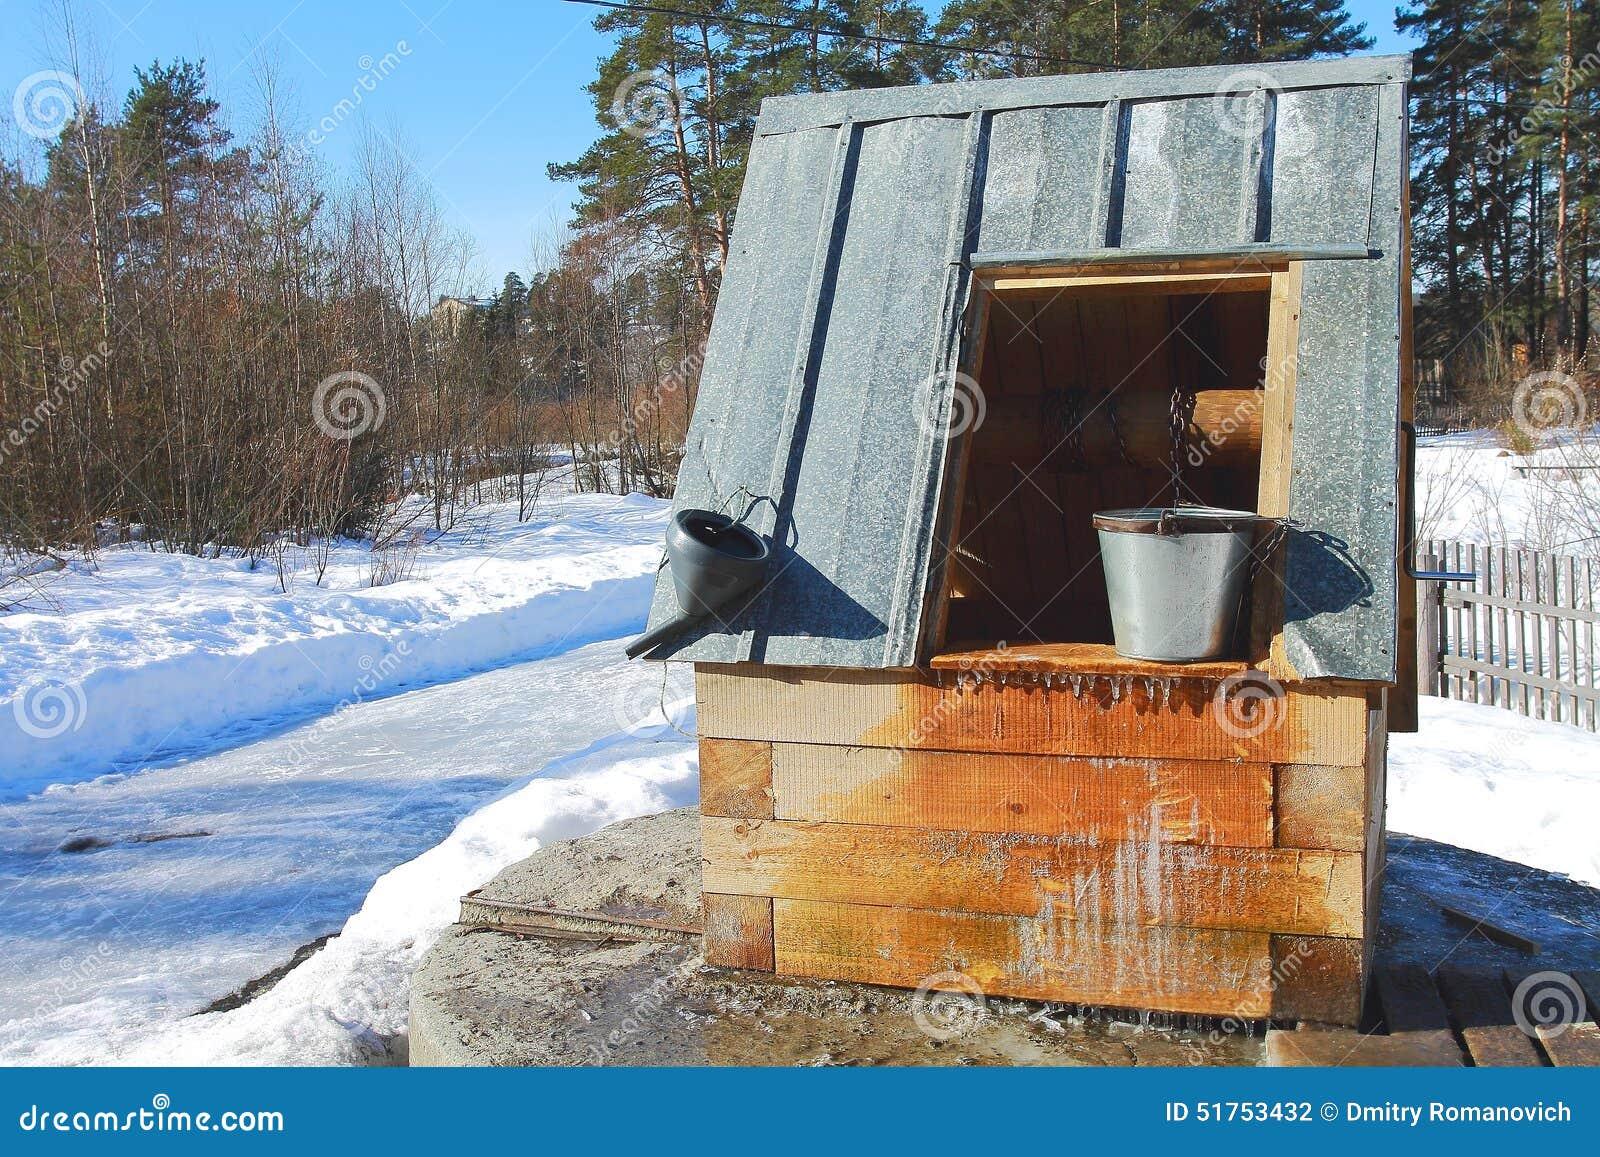 Village puits d 39 eau en hiver photo stock image 51753432 for Point d eau dans le jardin